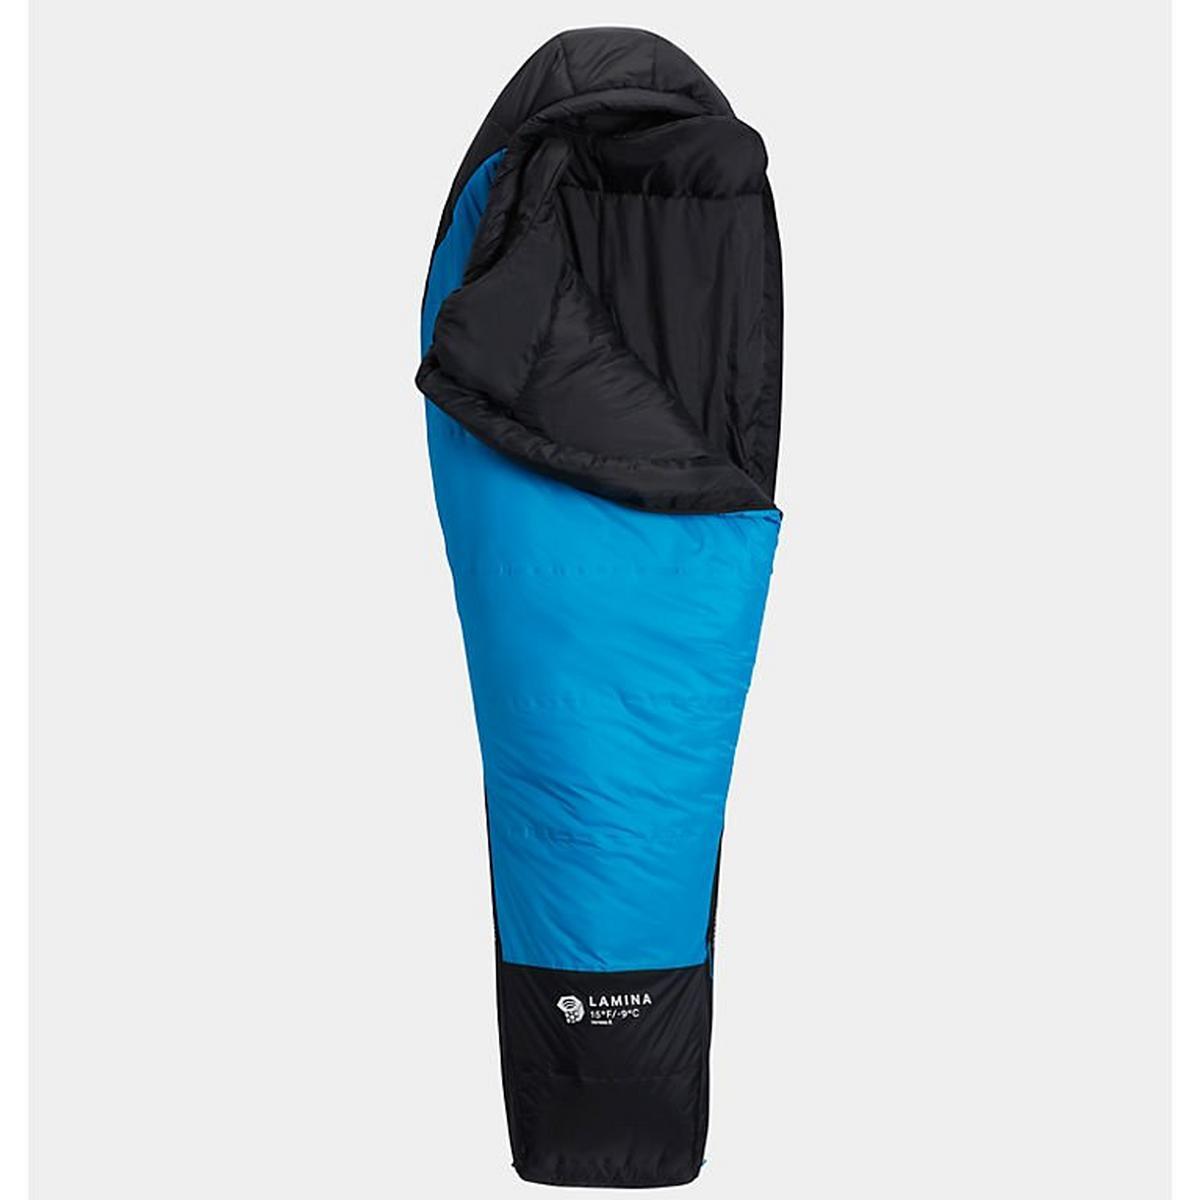 Mountain Hardwear Lamina -9C Sleeping Bag